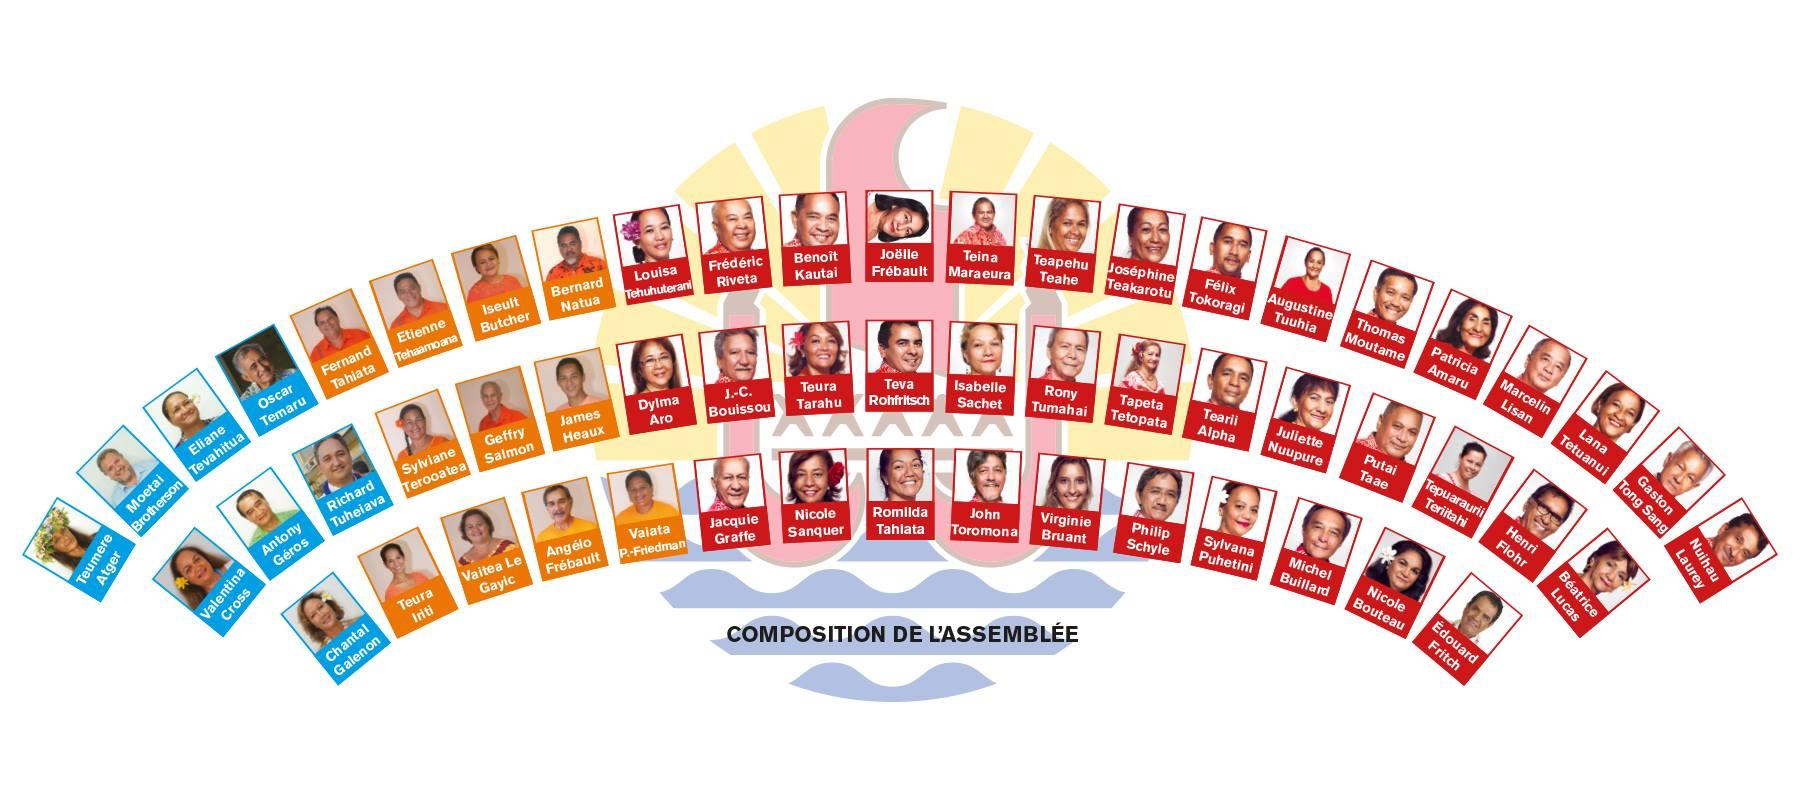 Le nouveau visage de l'Assemblée territoriale de la Polynésie française, en attendant les élections du Président de l'institution et du Président de la Collectivité ©Tahiti-infos